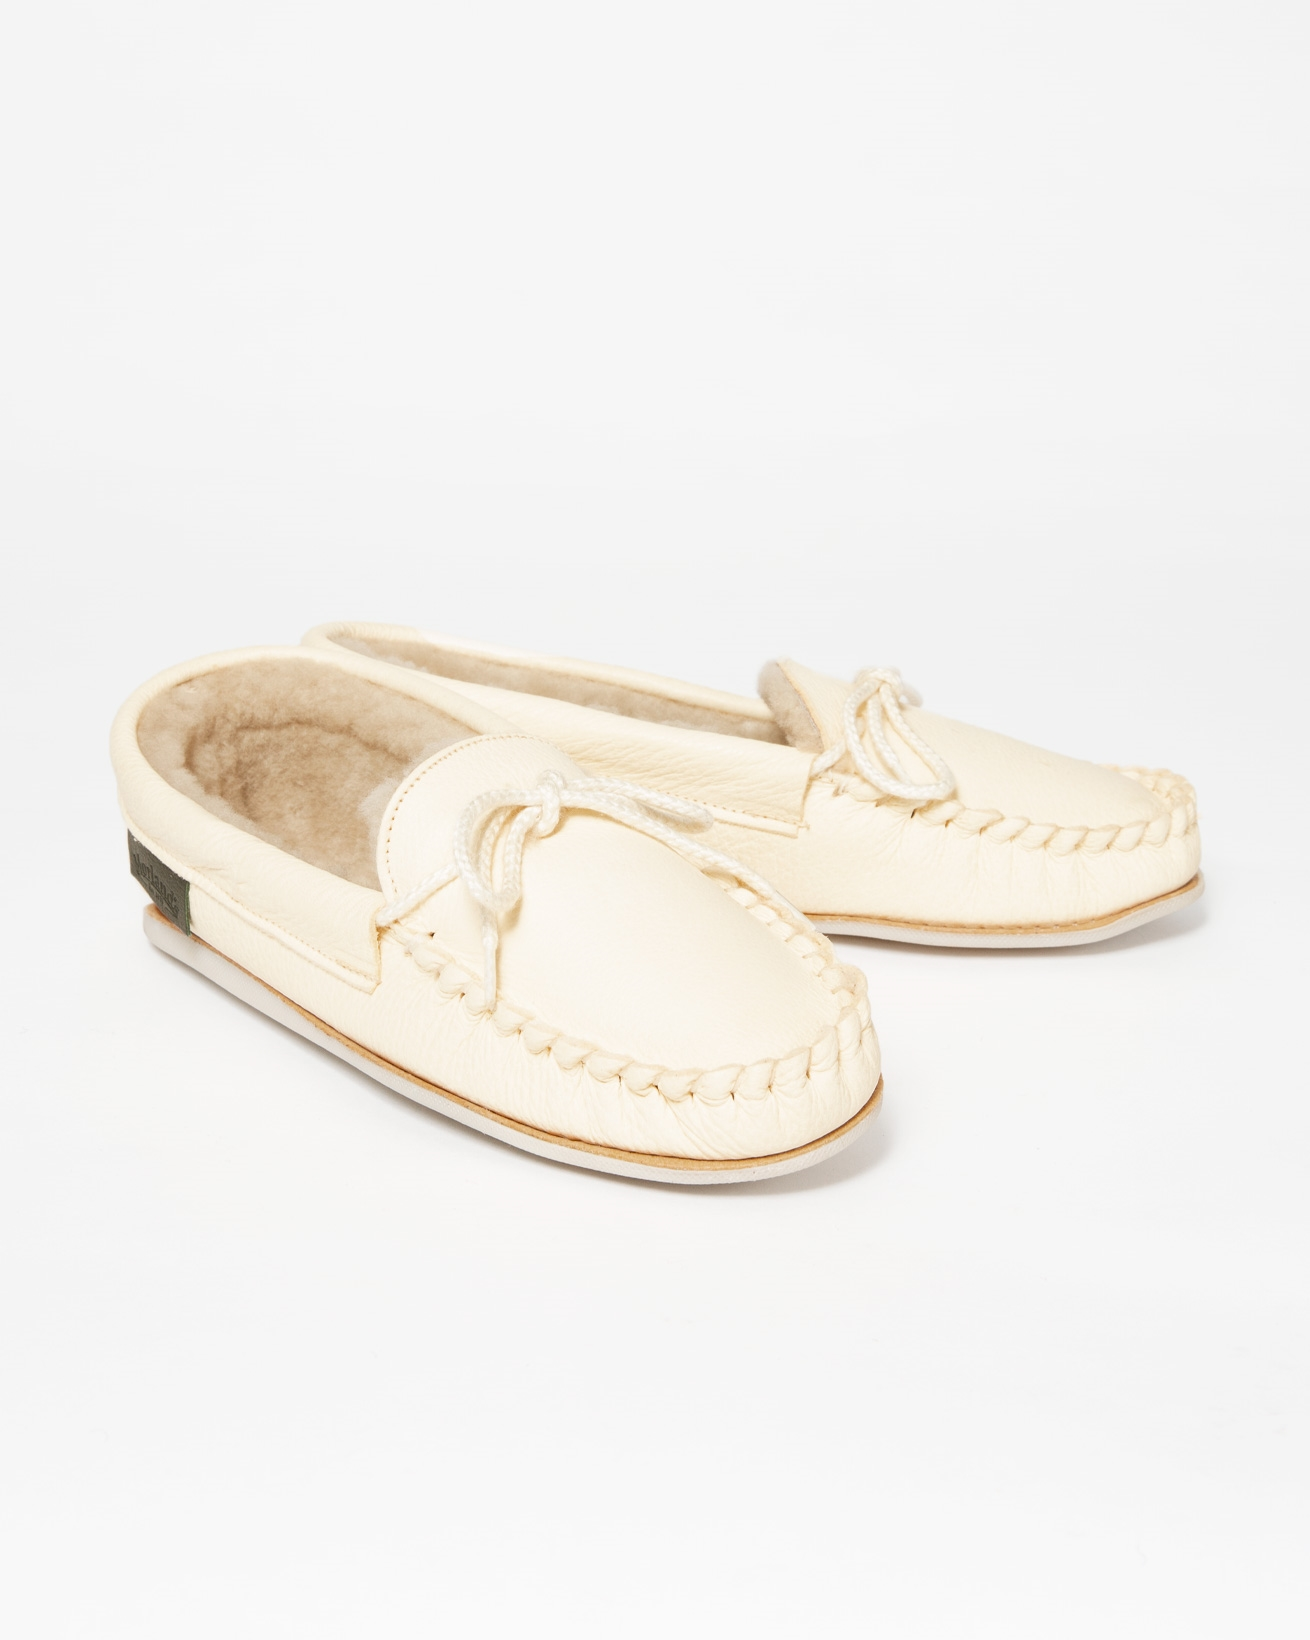 Ladies Dawson Slipper - Size 4 - Cream